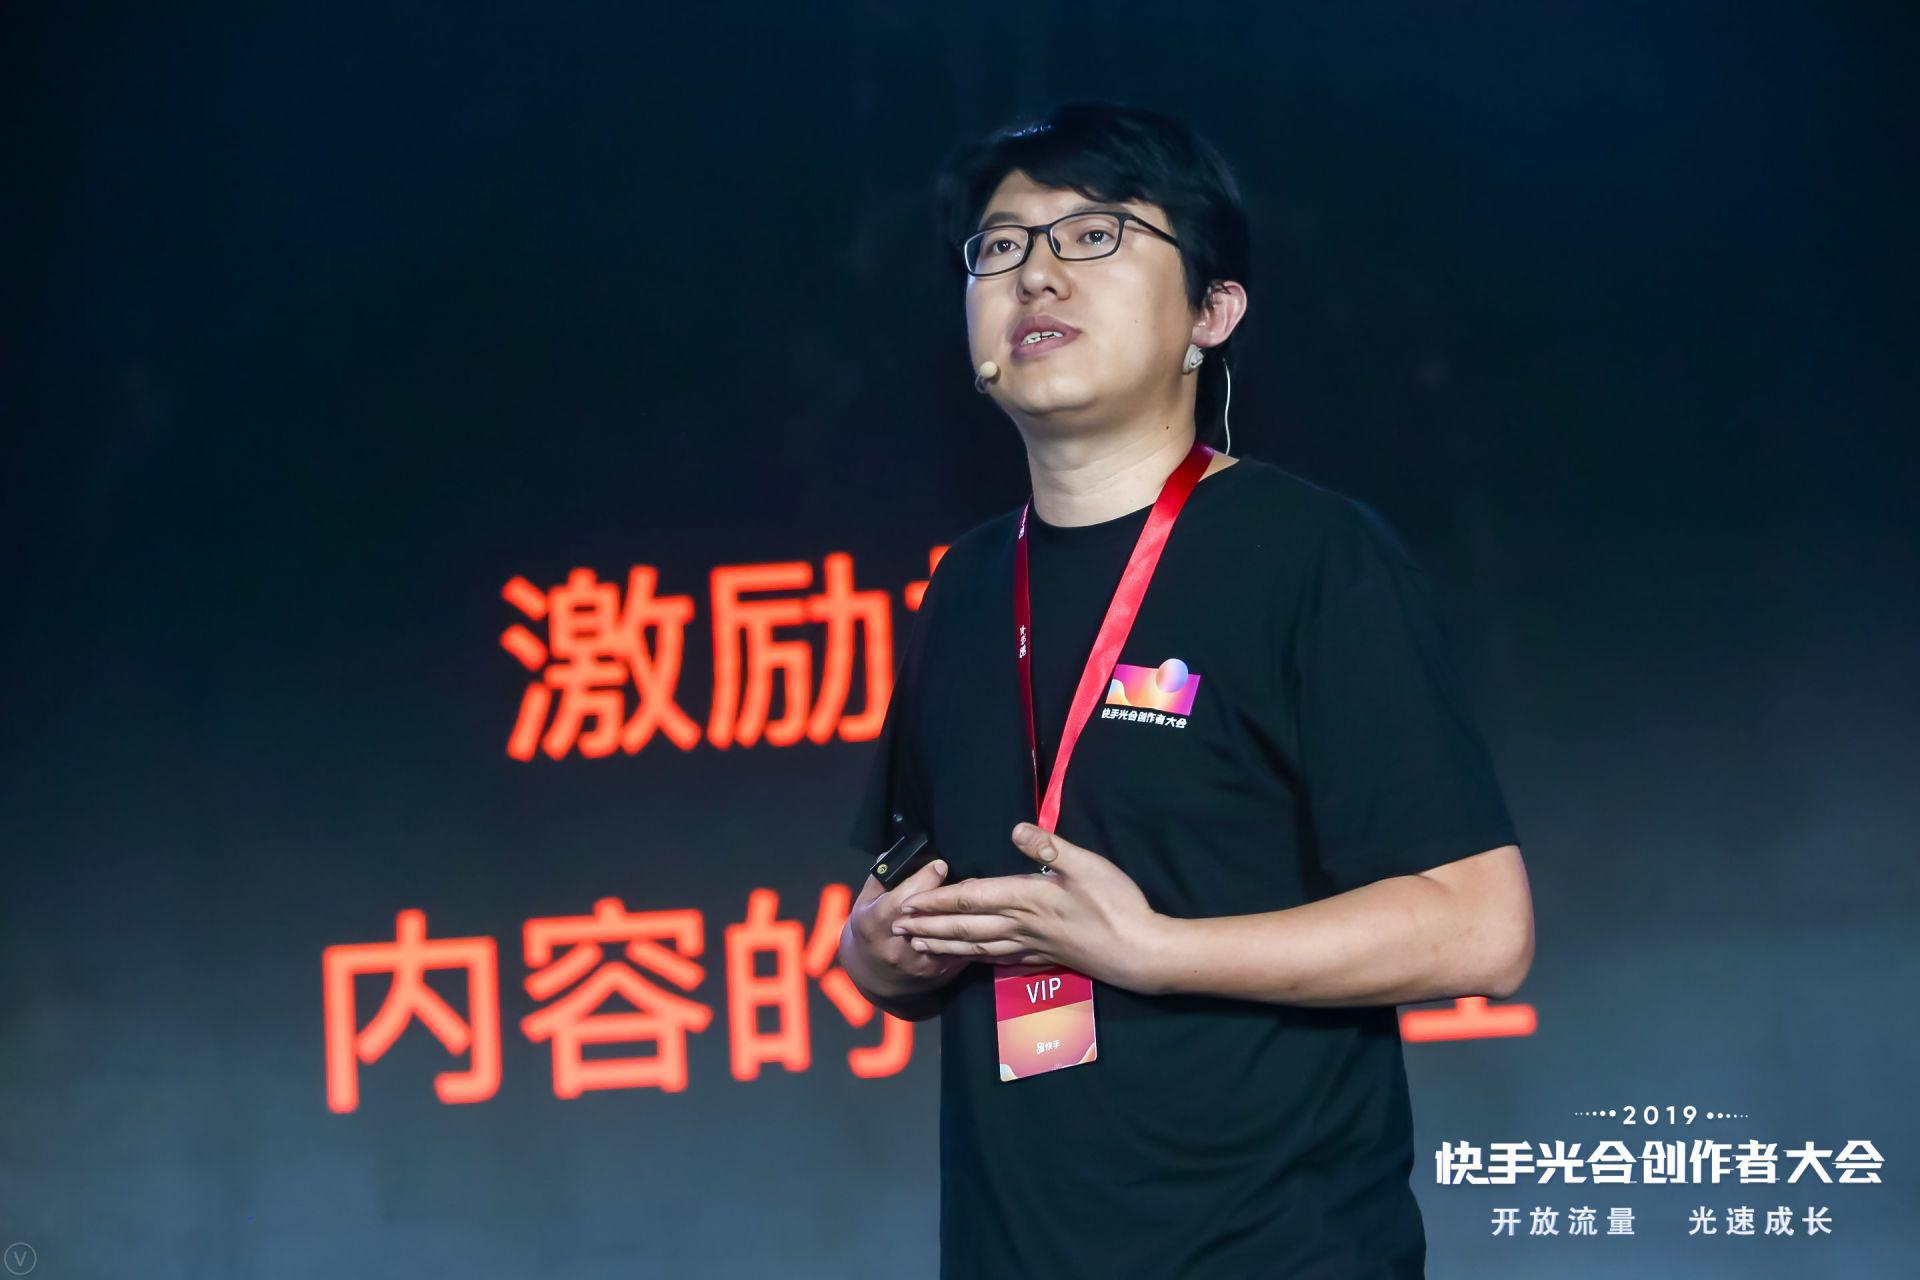 快手高级副总裁马宏彬:创作者在快手一年收益